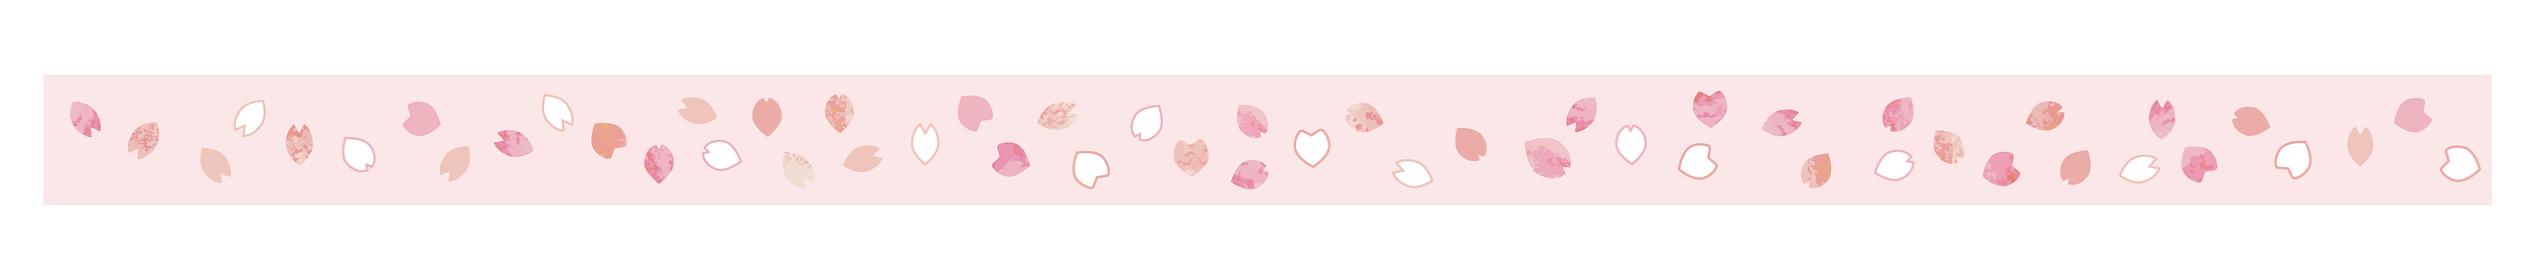 桜の花びら ライン、装飾、罫線素材(ピンク背景) vol.4